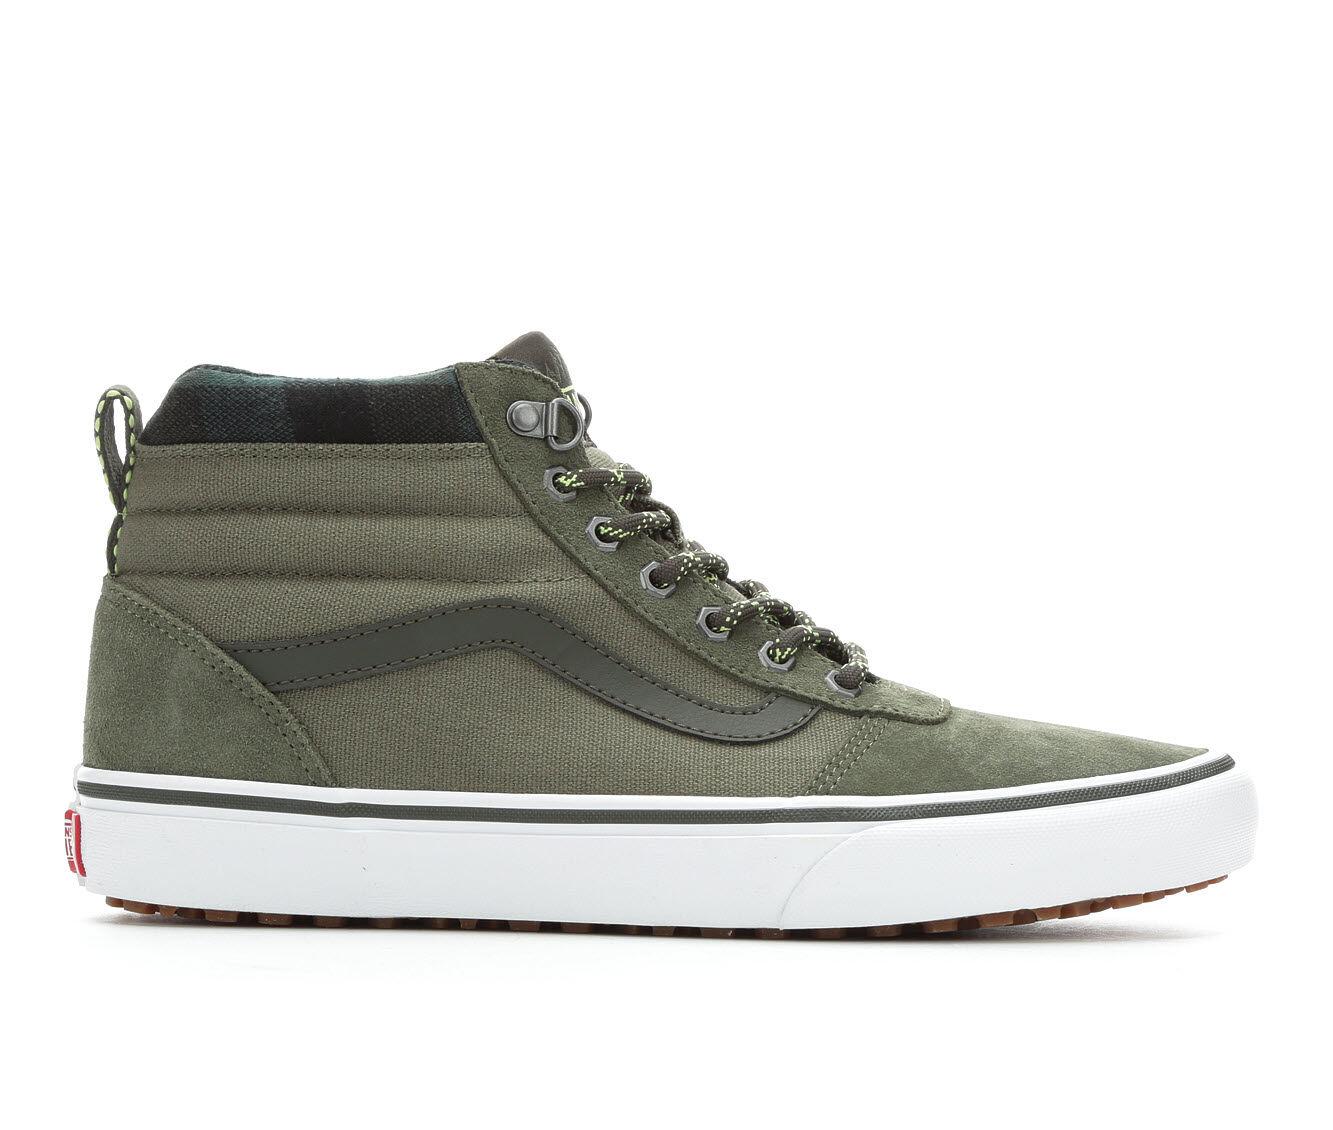 Men's Vans Ward Hi MTE Skate Shoes